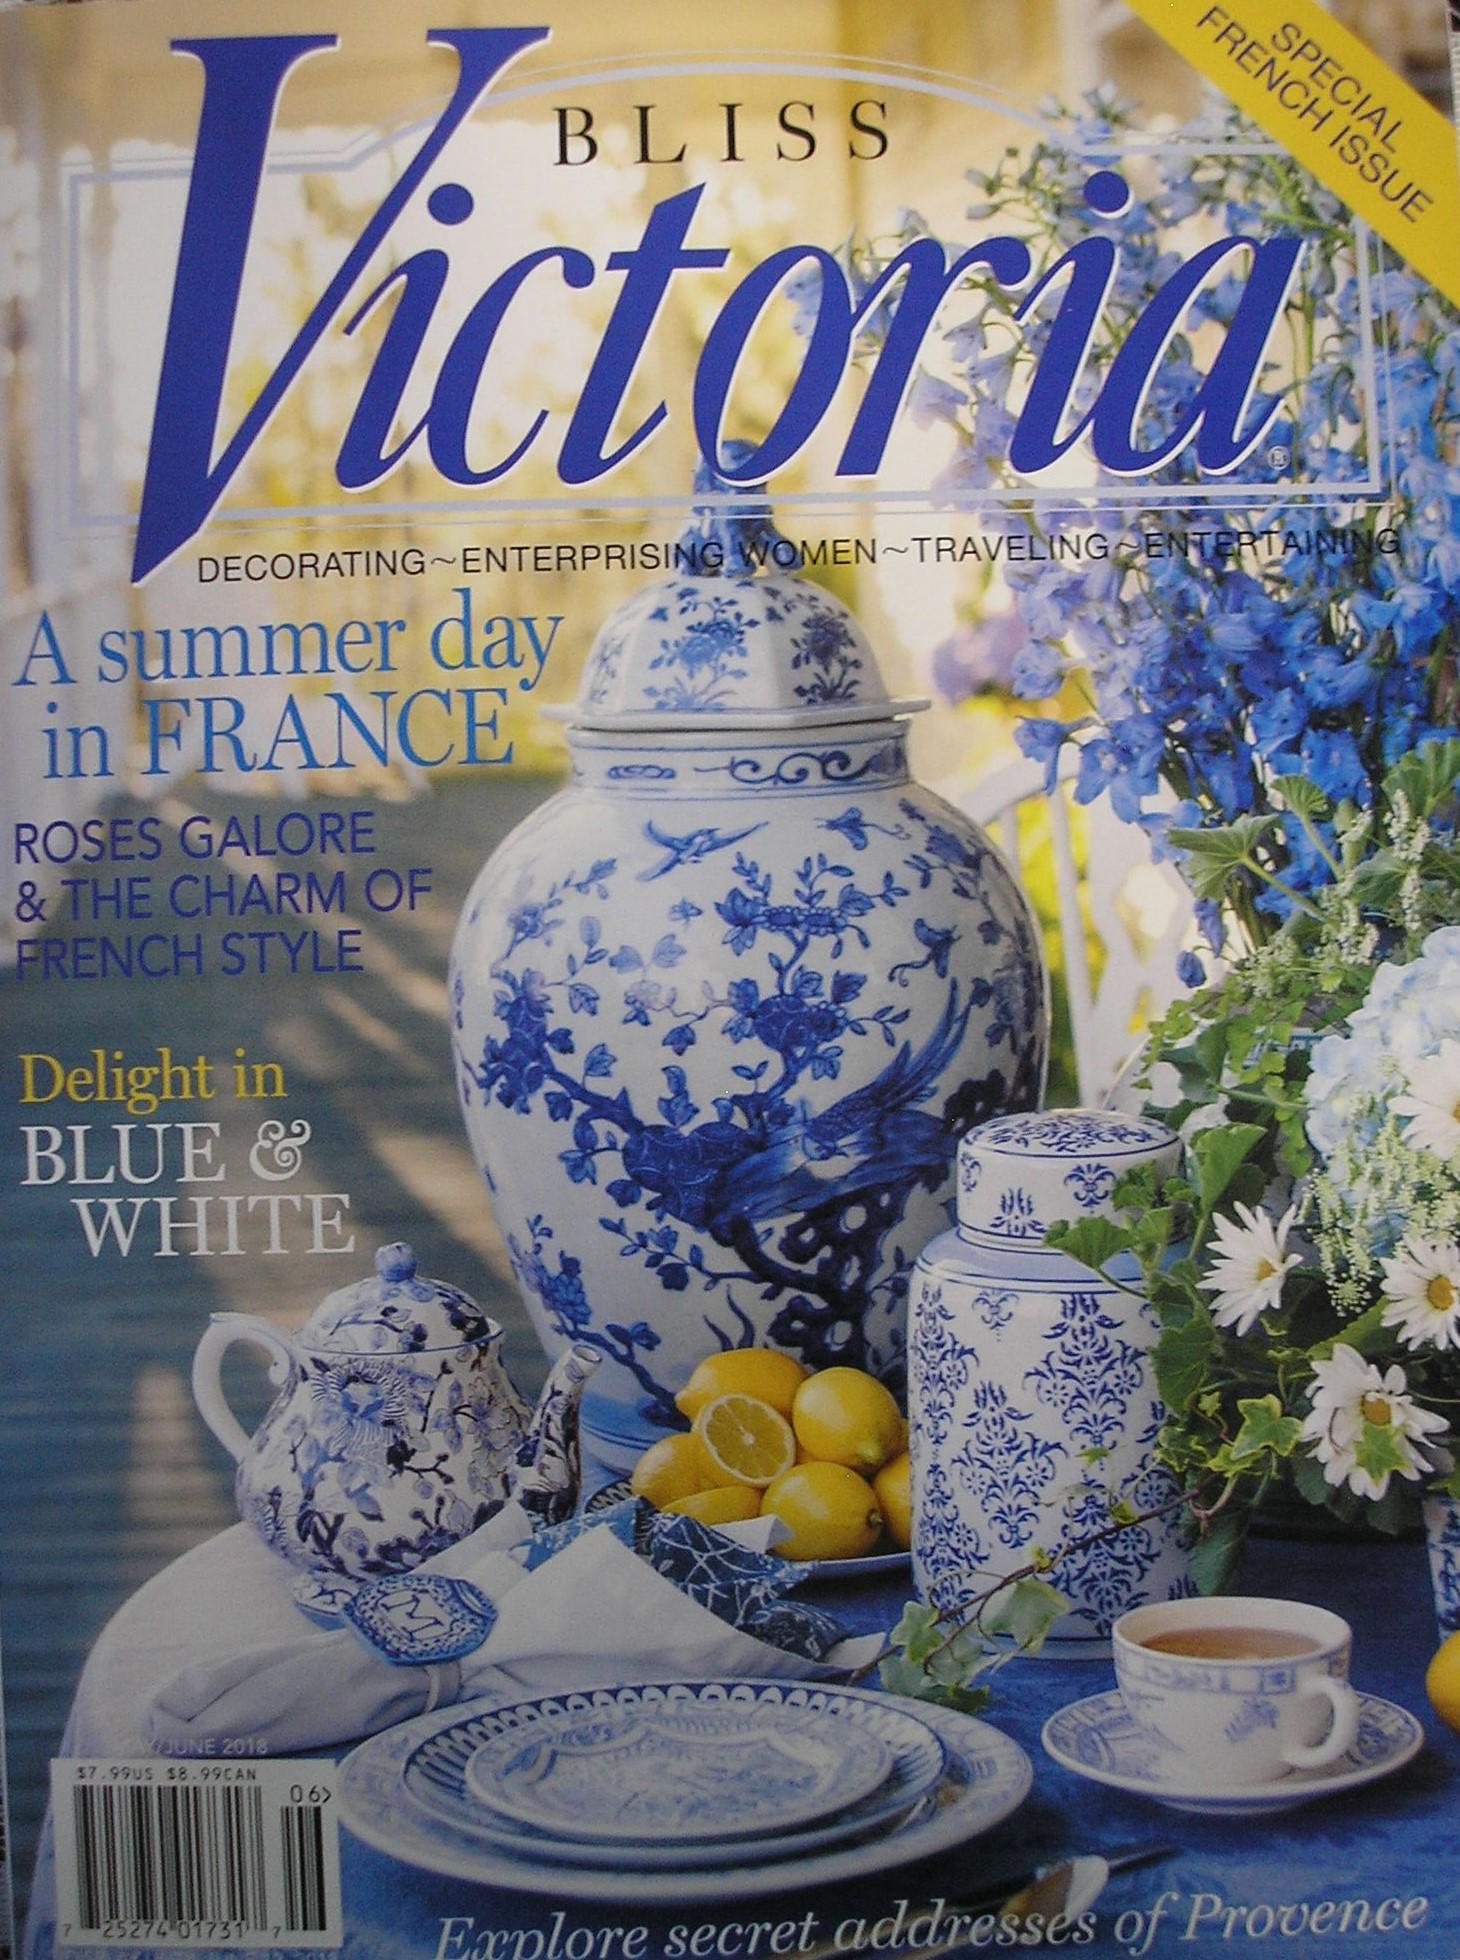 Victoria Magazine French Edition